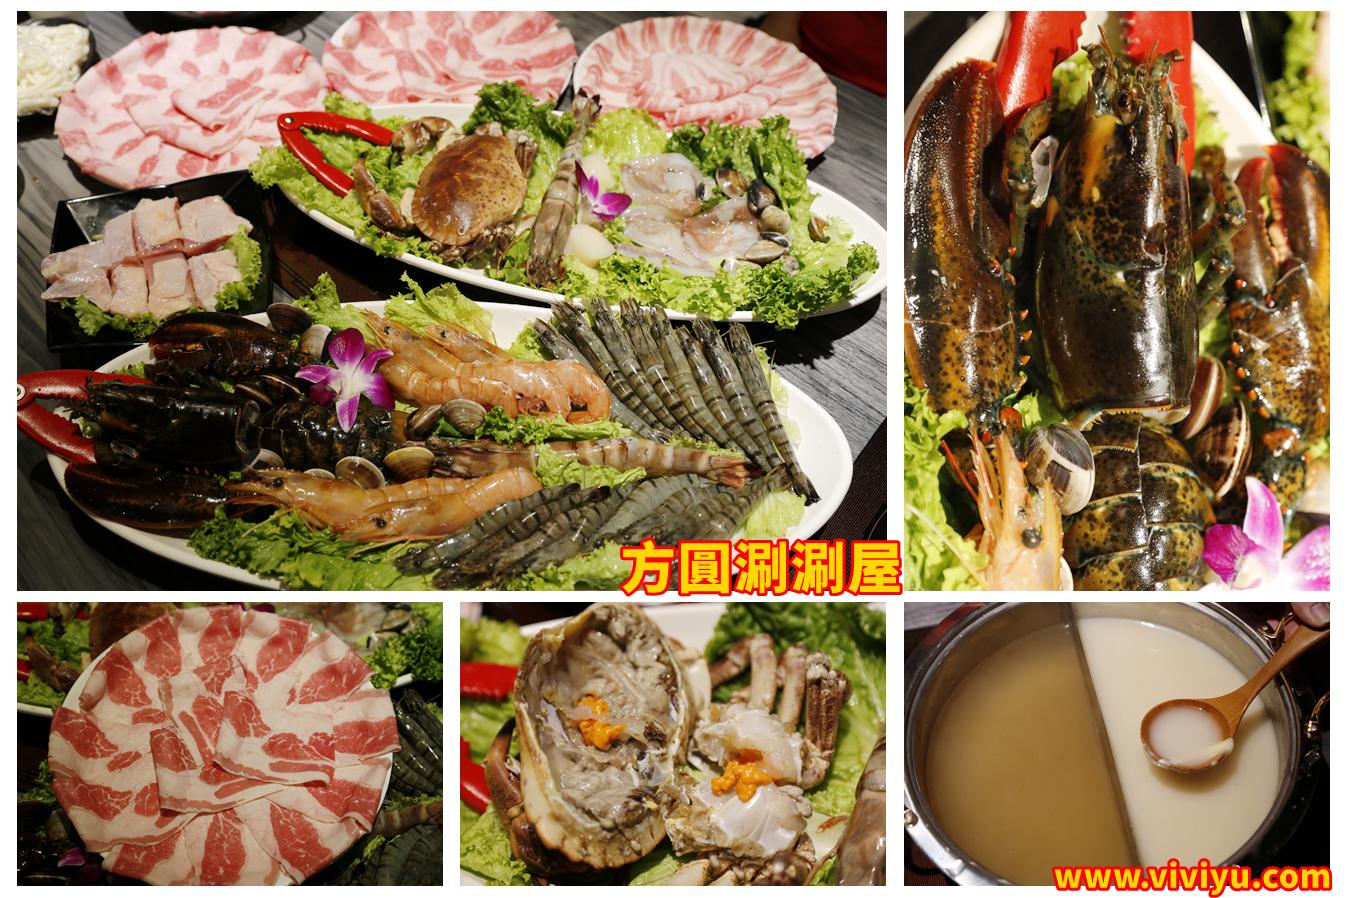 [台北.美食]方圓涮涮屋(新店民權店)~新鮮平價的豪華海鮮肉盤、高CP值的人氣鍋物